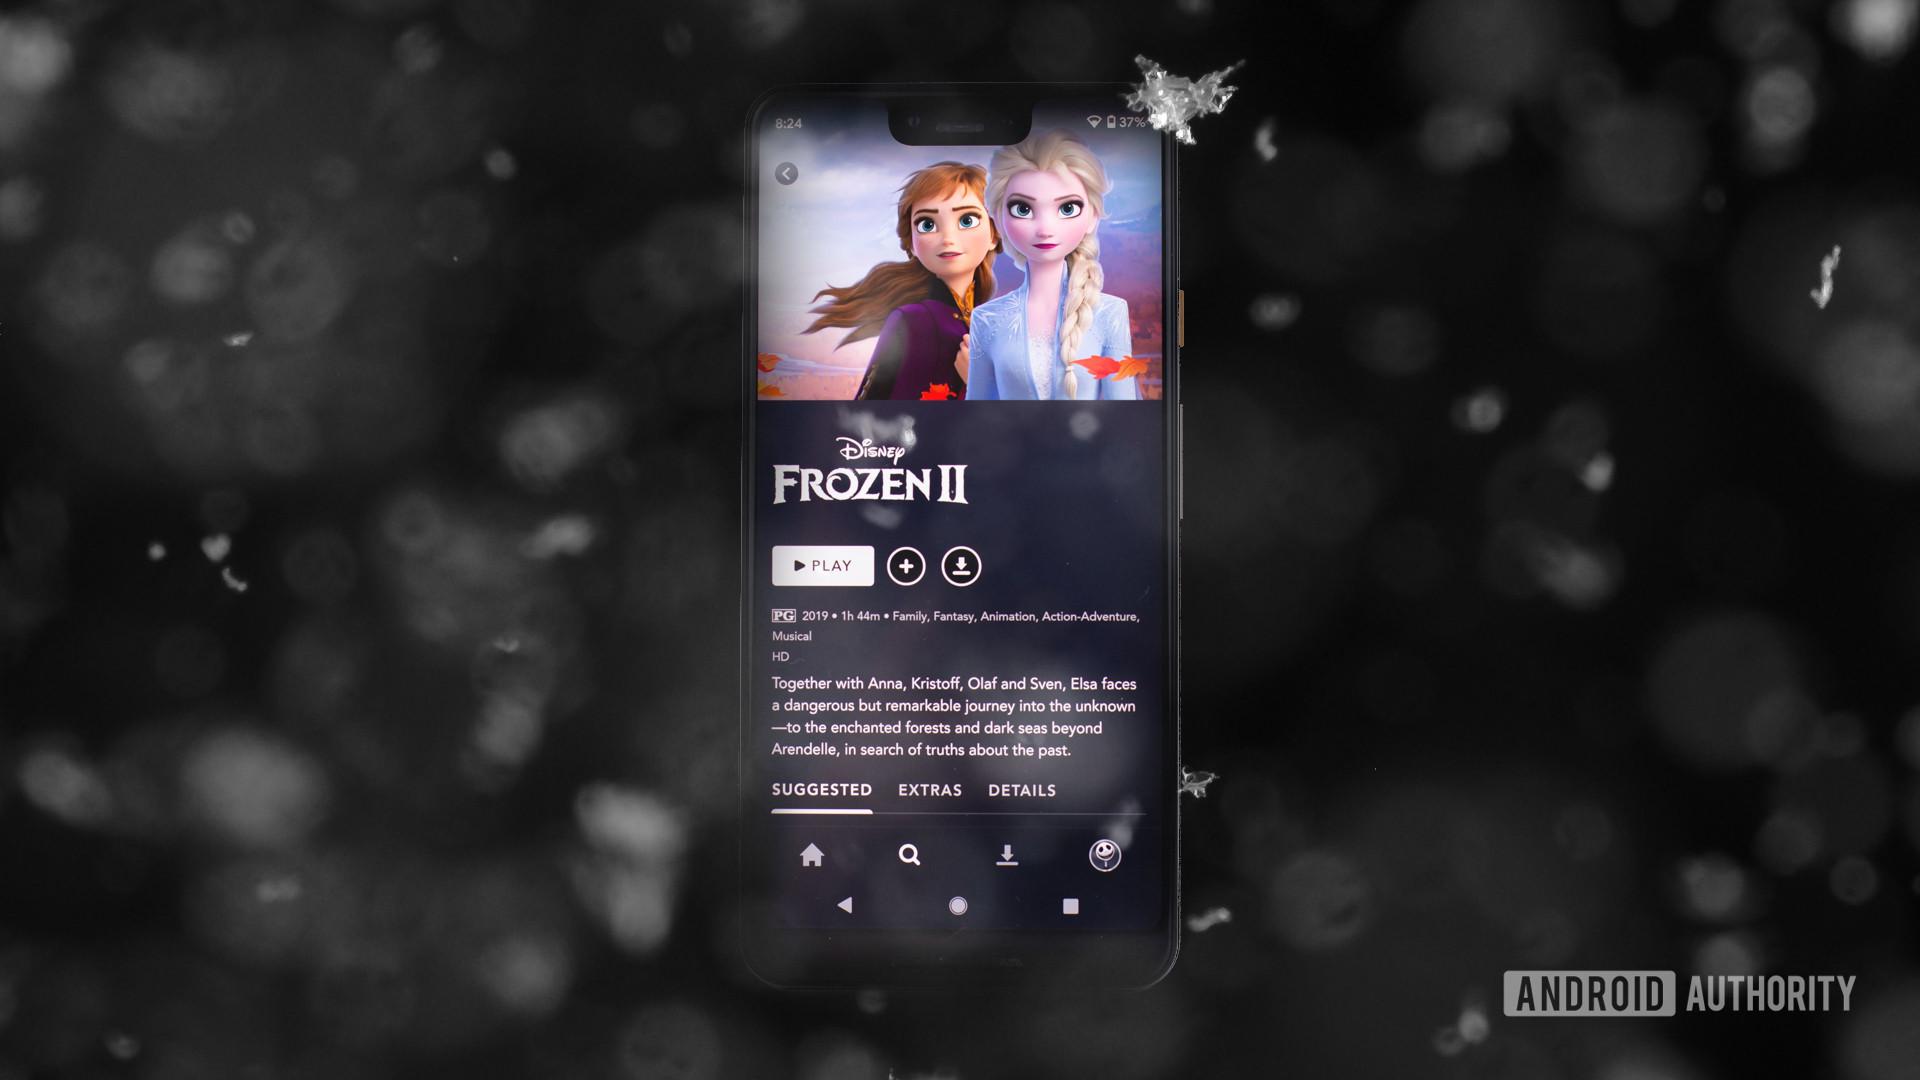 Frozen 2 on Disney Plus app 1